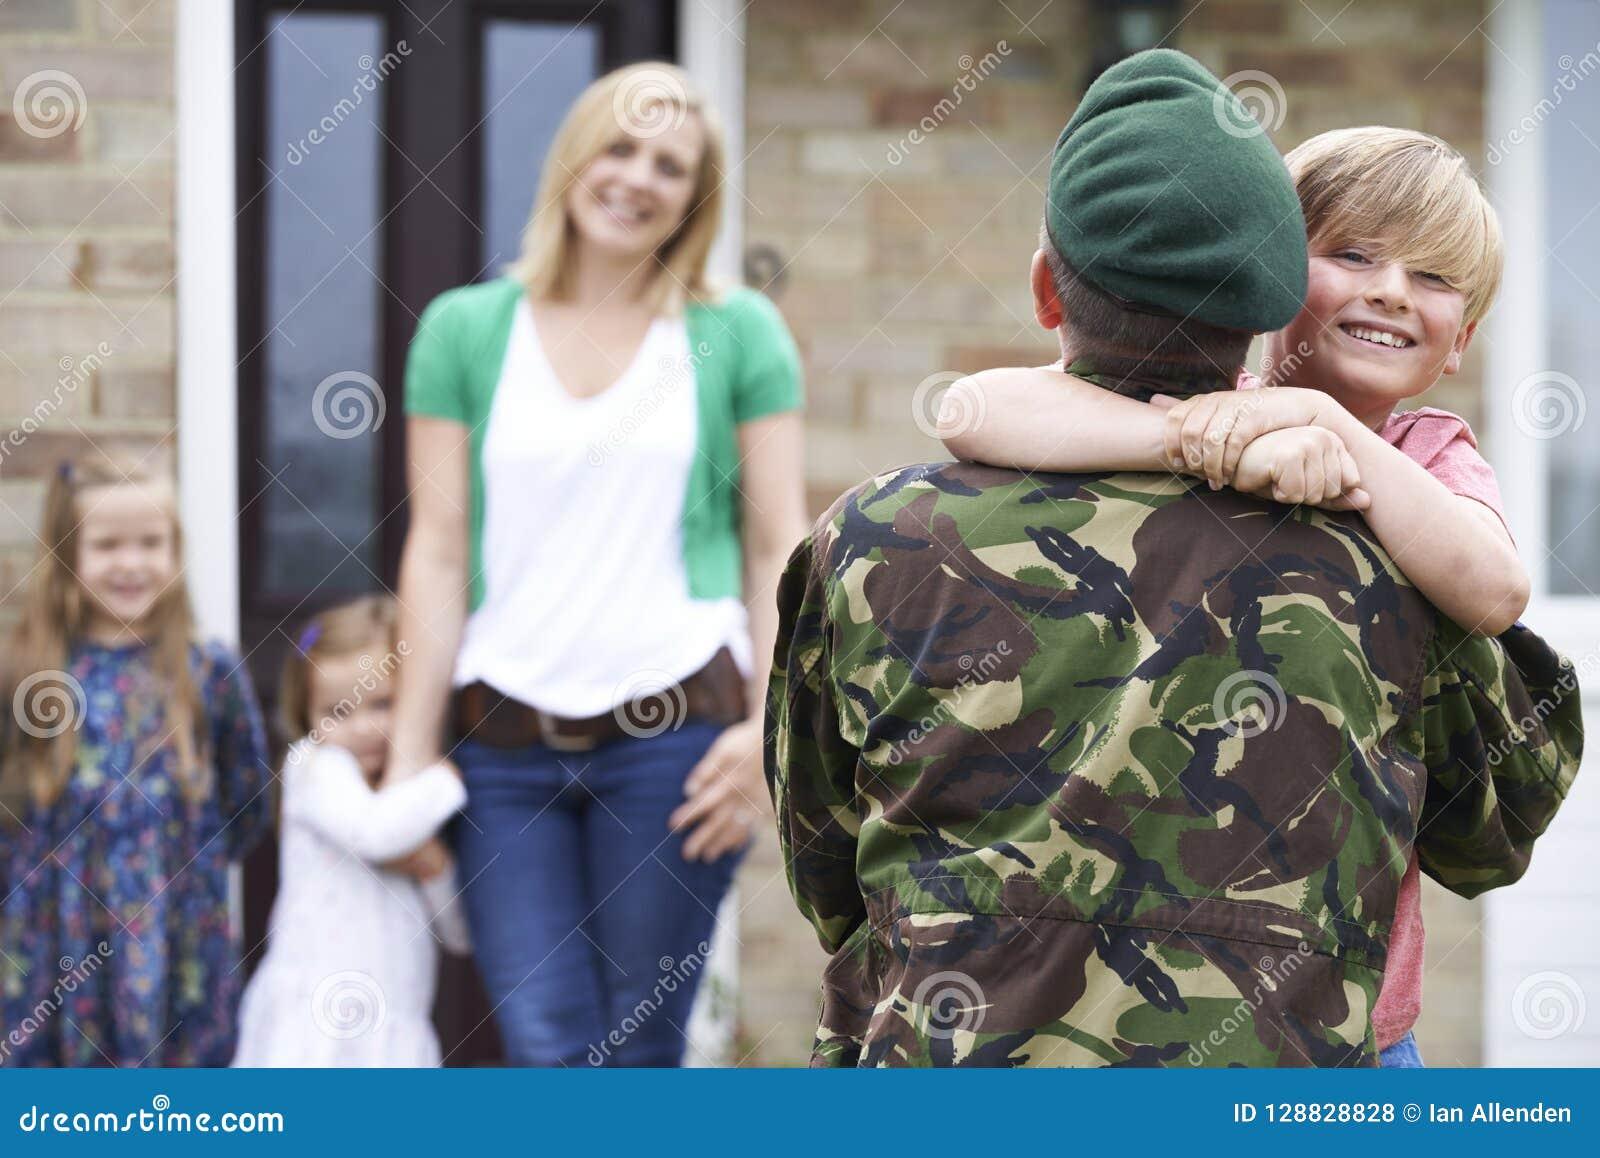 Zoon die het Militaire Huis van Vaderon leave at begroeten